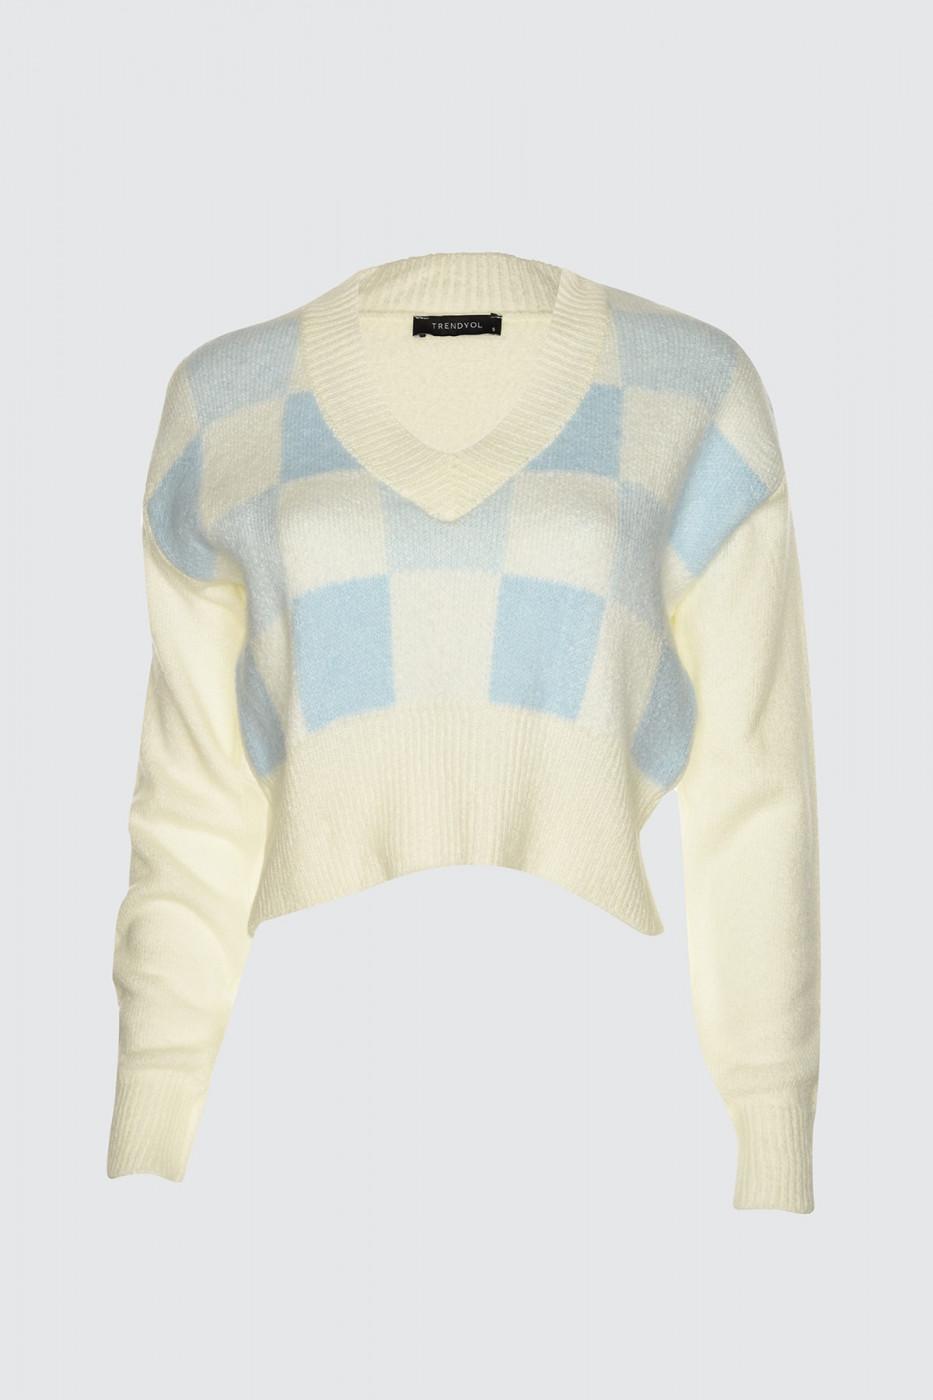 Trendyol Ekru Geometric Patterned Knitwear Sweater